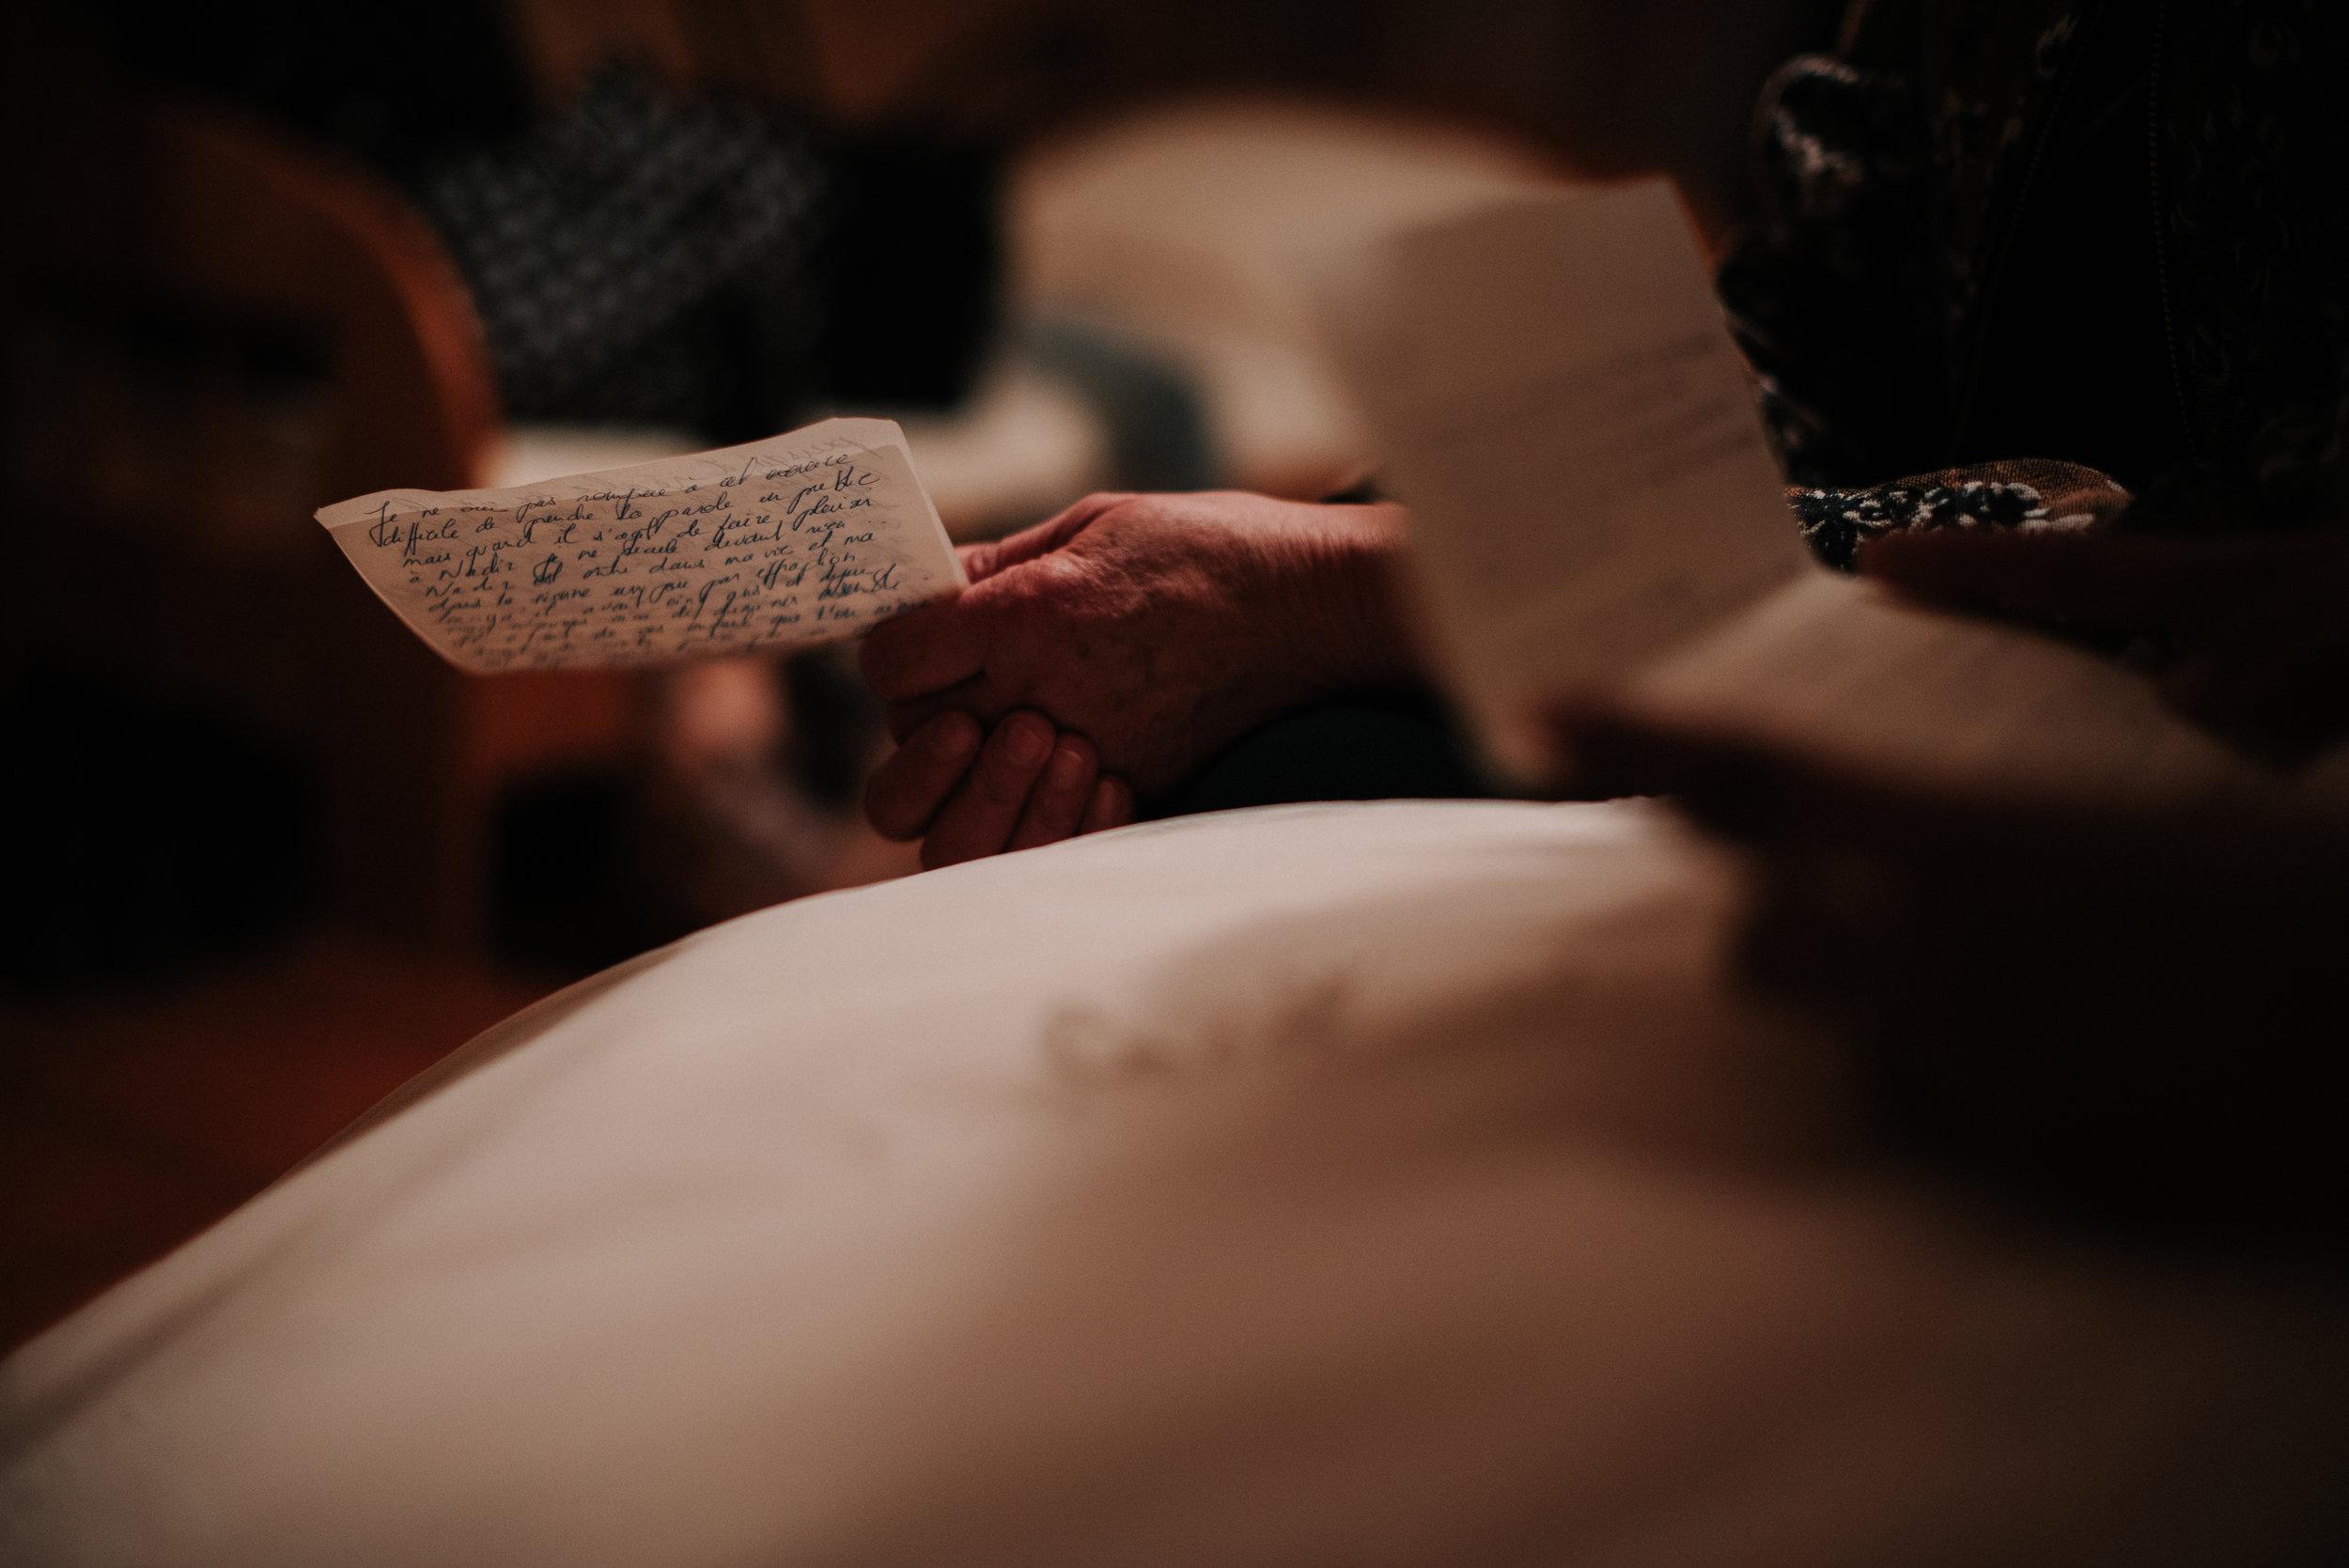 Léa-Fery-photographe-professionnel-lyon-rhone-alpes-portrait-creation-mariage-evenement-evenementiel-famille-7294.jpg